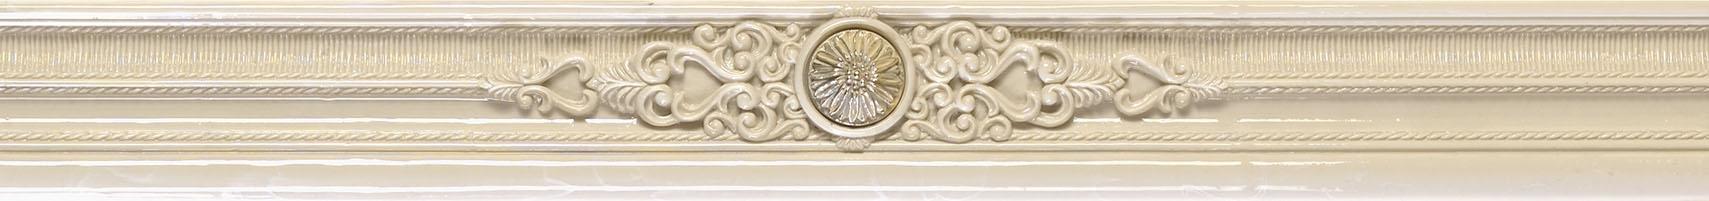 купить Бордюр Azteca Pulpis R60 +10759 Princess A 60 Beige по цене 1275 рублей